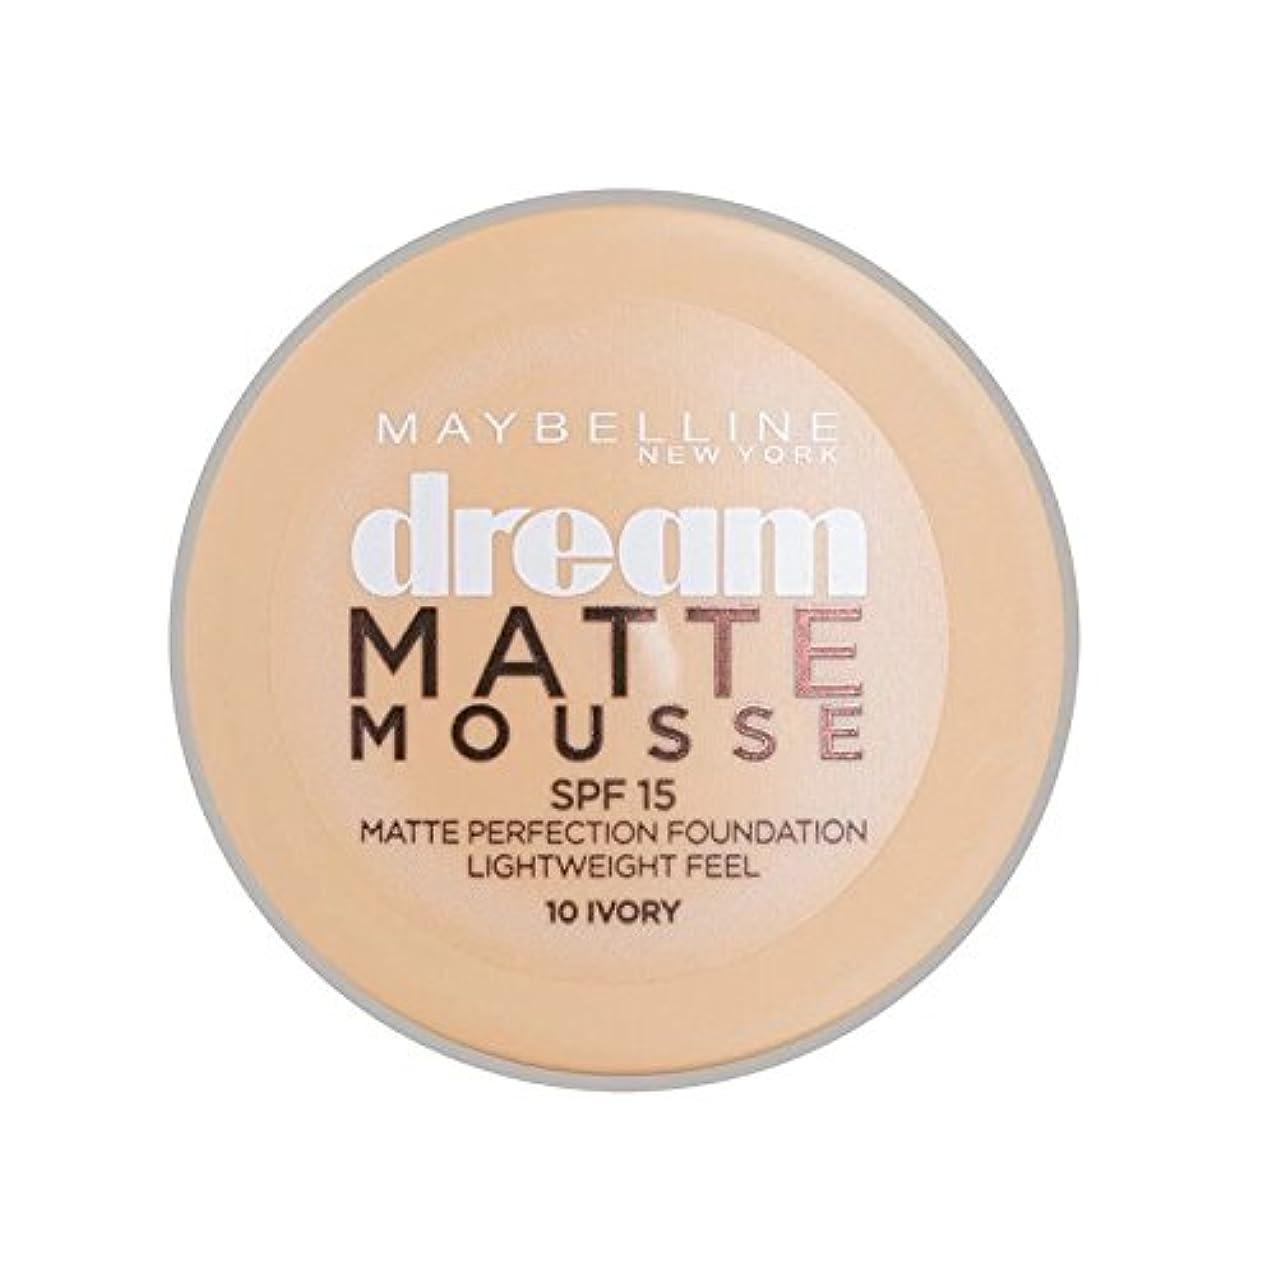 レコーダー音節スパイラルMaybelline Dream Matte Mousse Foundation 10 Ivory 10ml (Pack of 6) - メイベリン夢マットムース土台10アイボリー10ミリリットル x6 [並行輸入品]